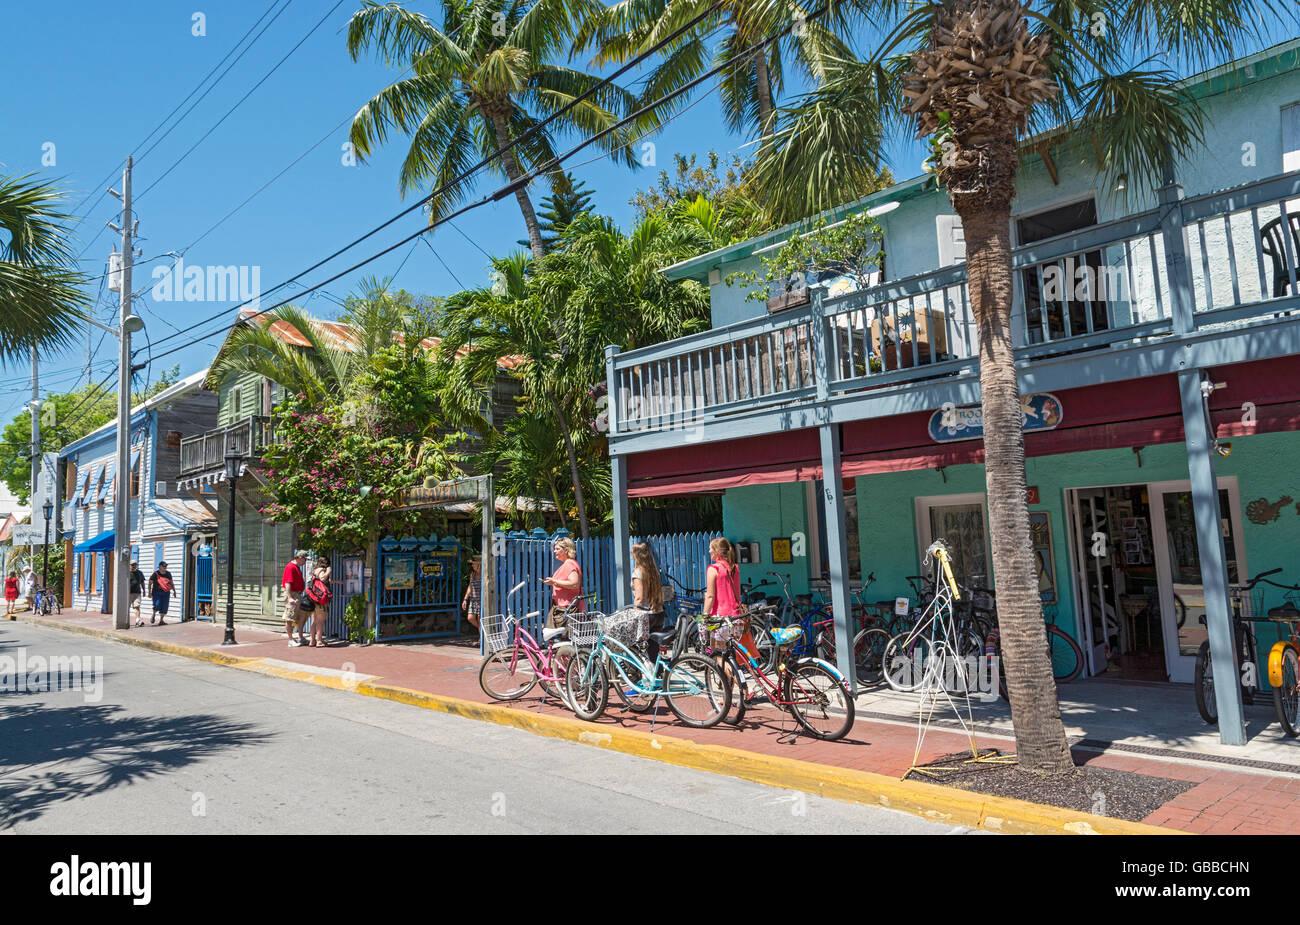 Florida, Key West, Bahama Village, shops, restaurants - Stock Image